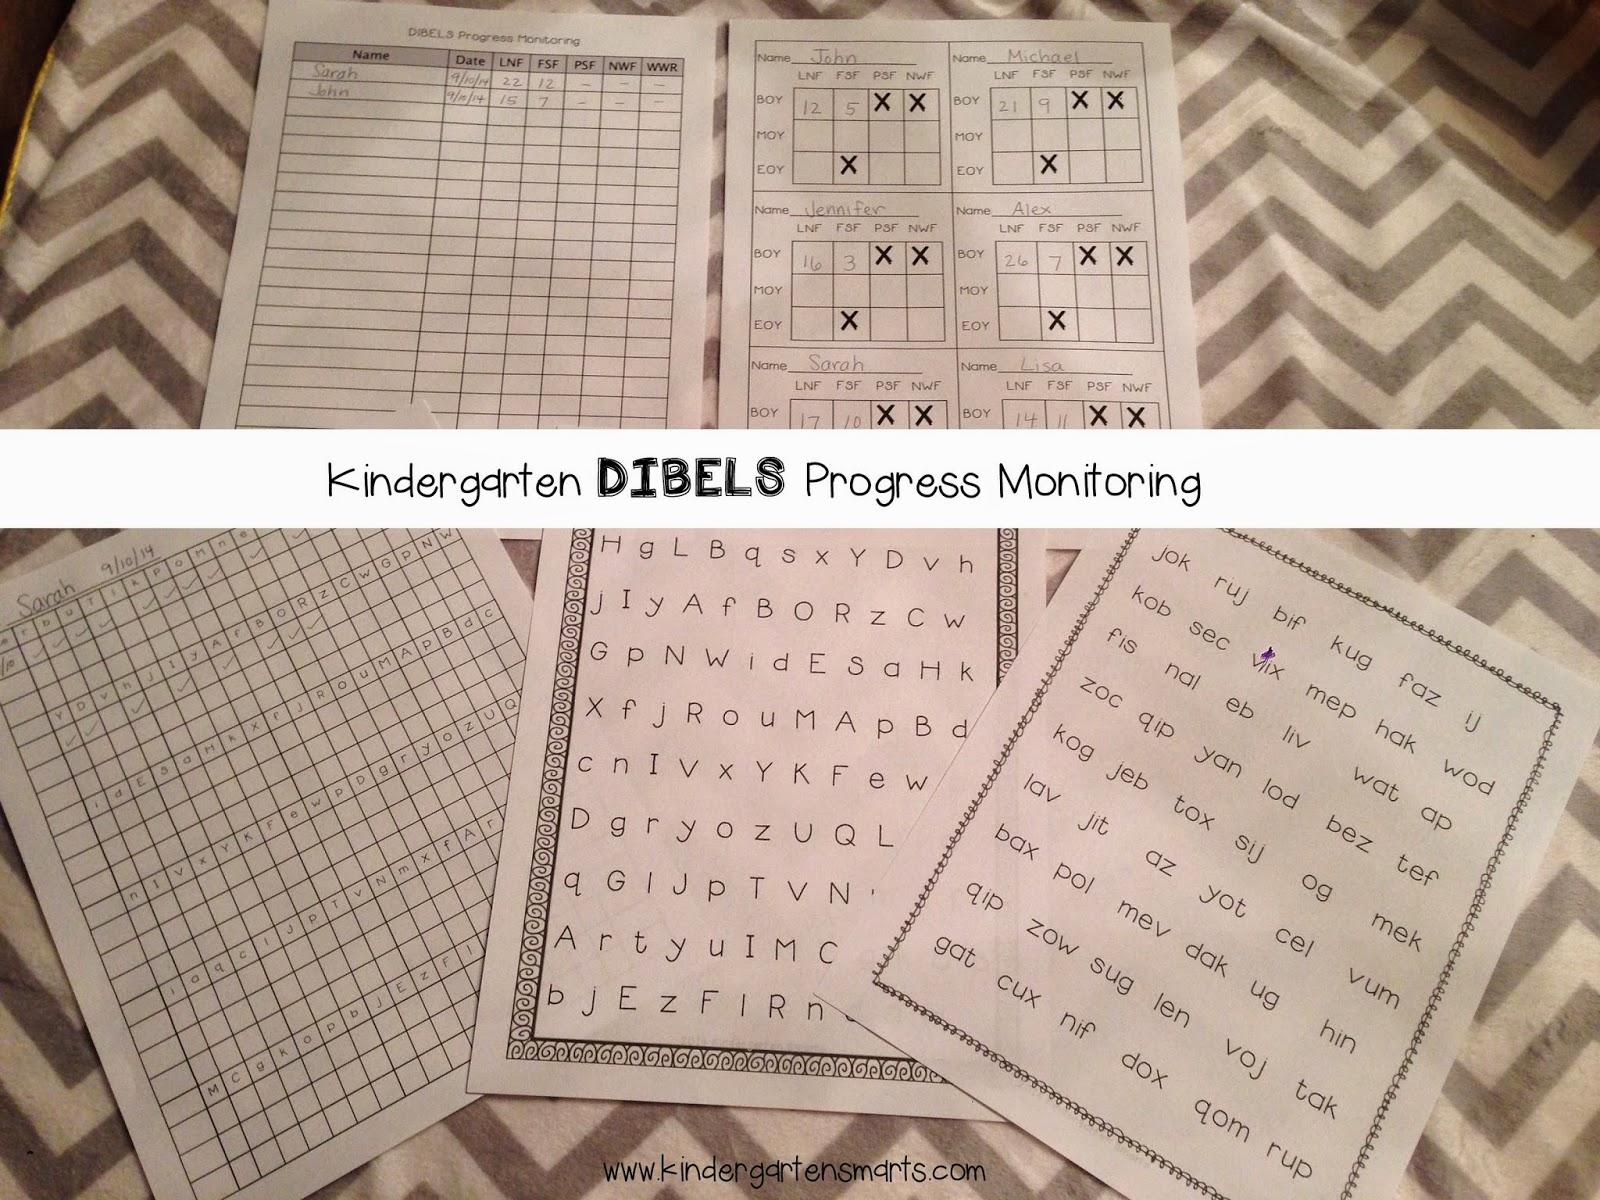 Kindergarten Dibels Practice Sheets